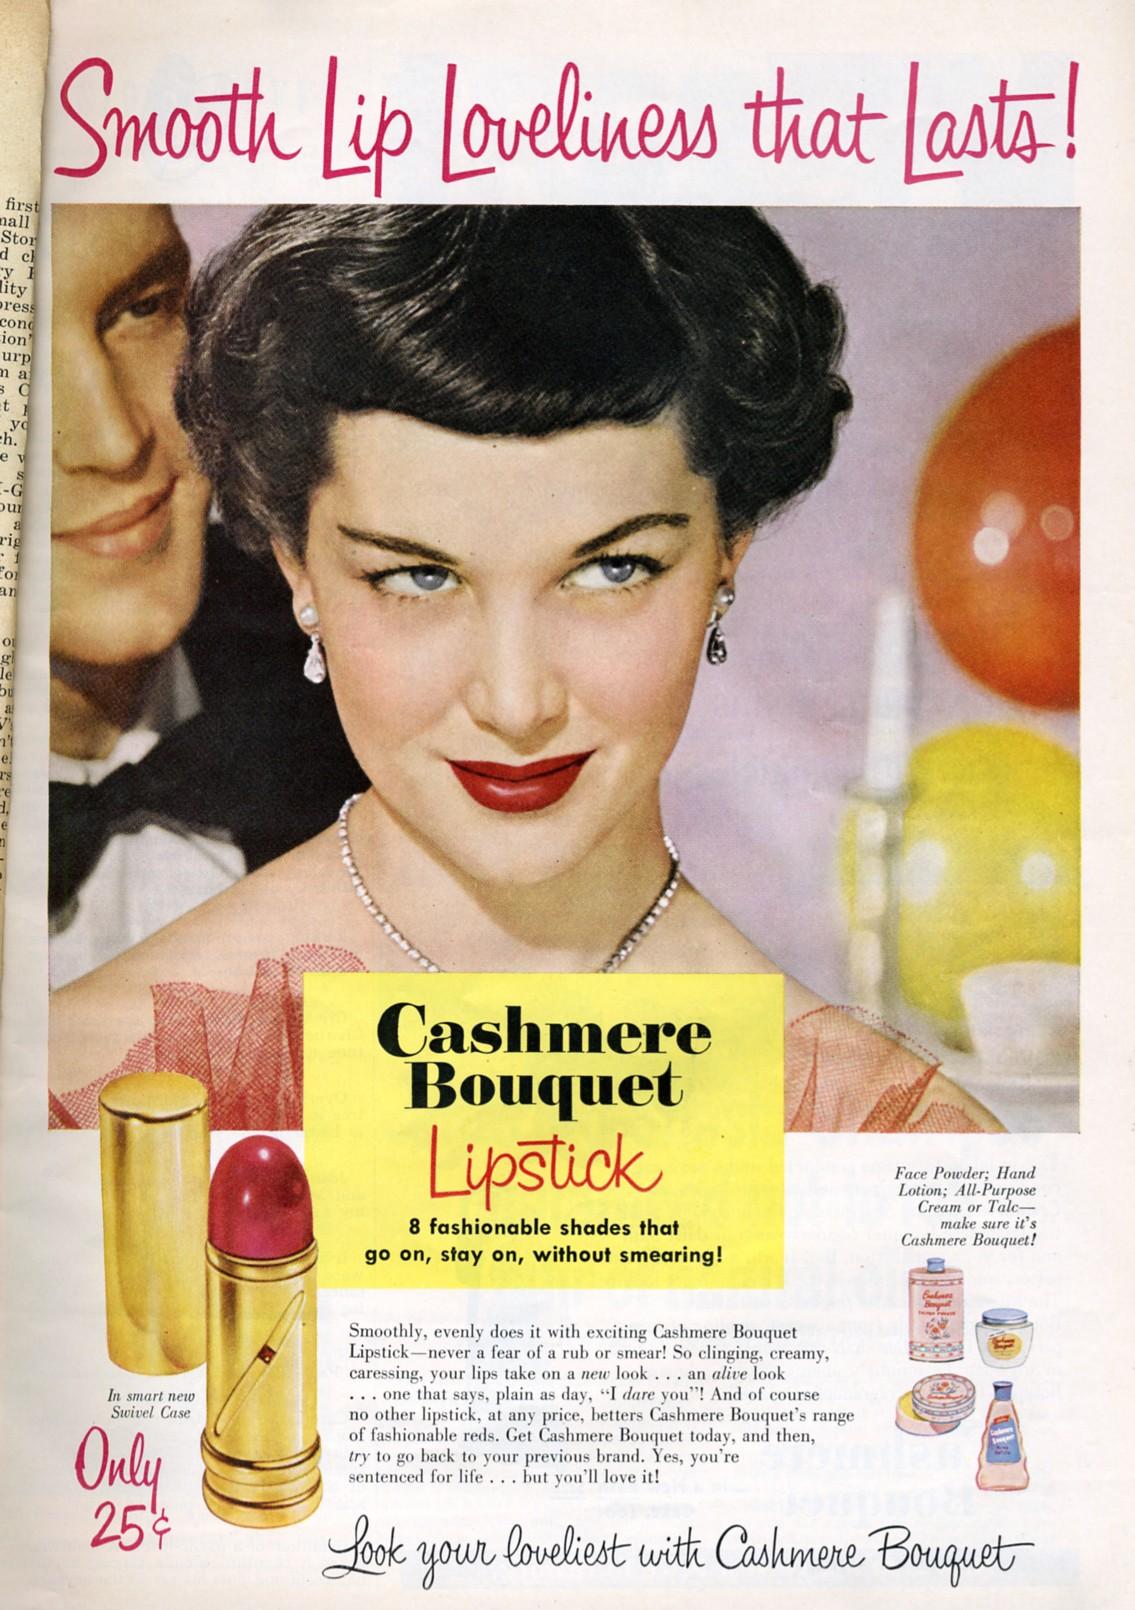 Cashmere Bouquet Lipstick 1950